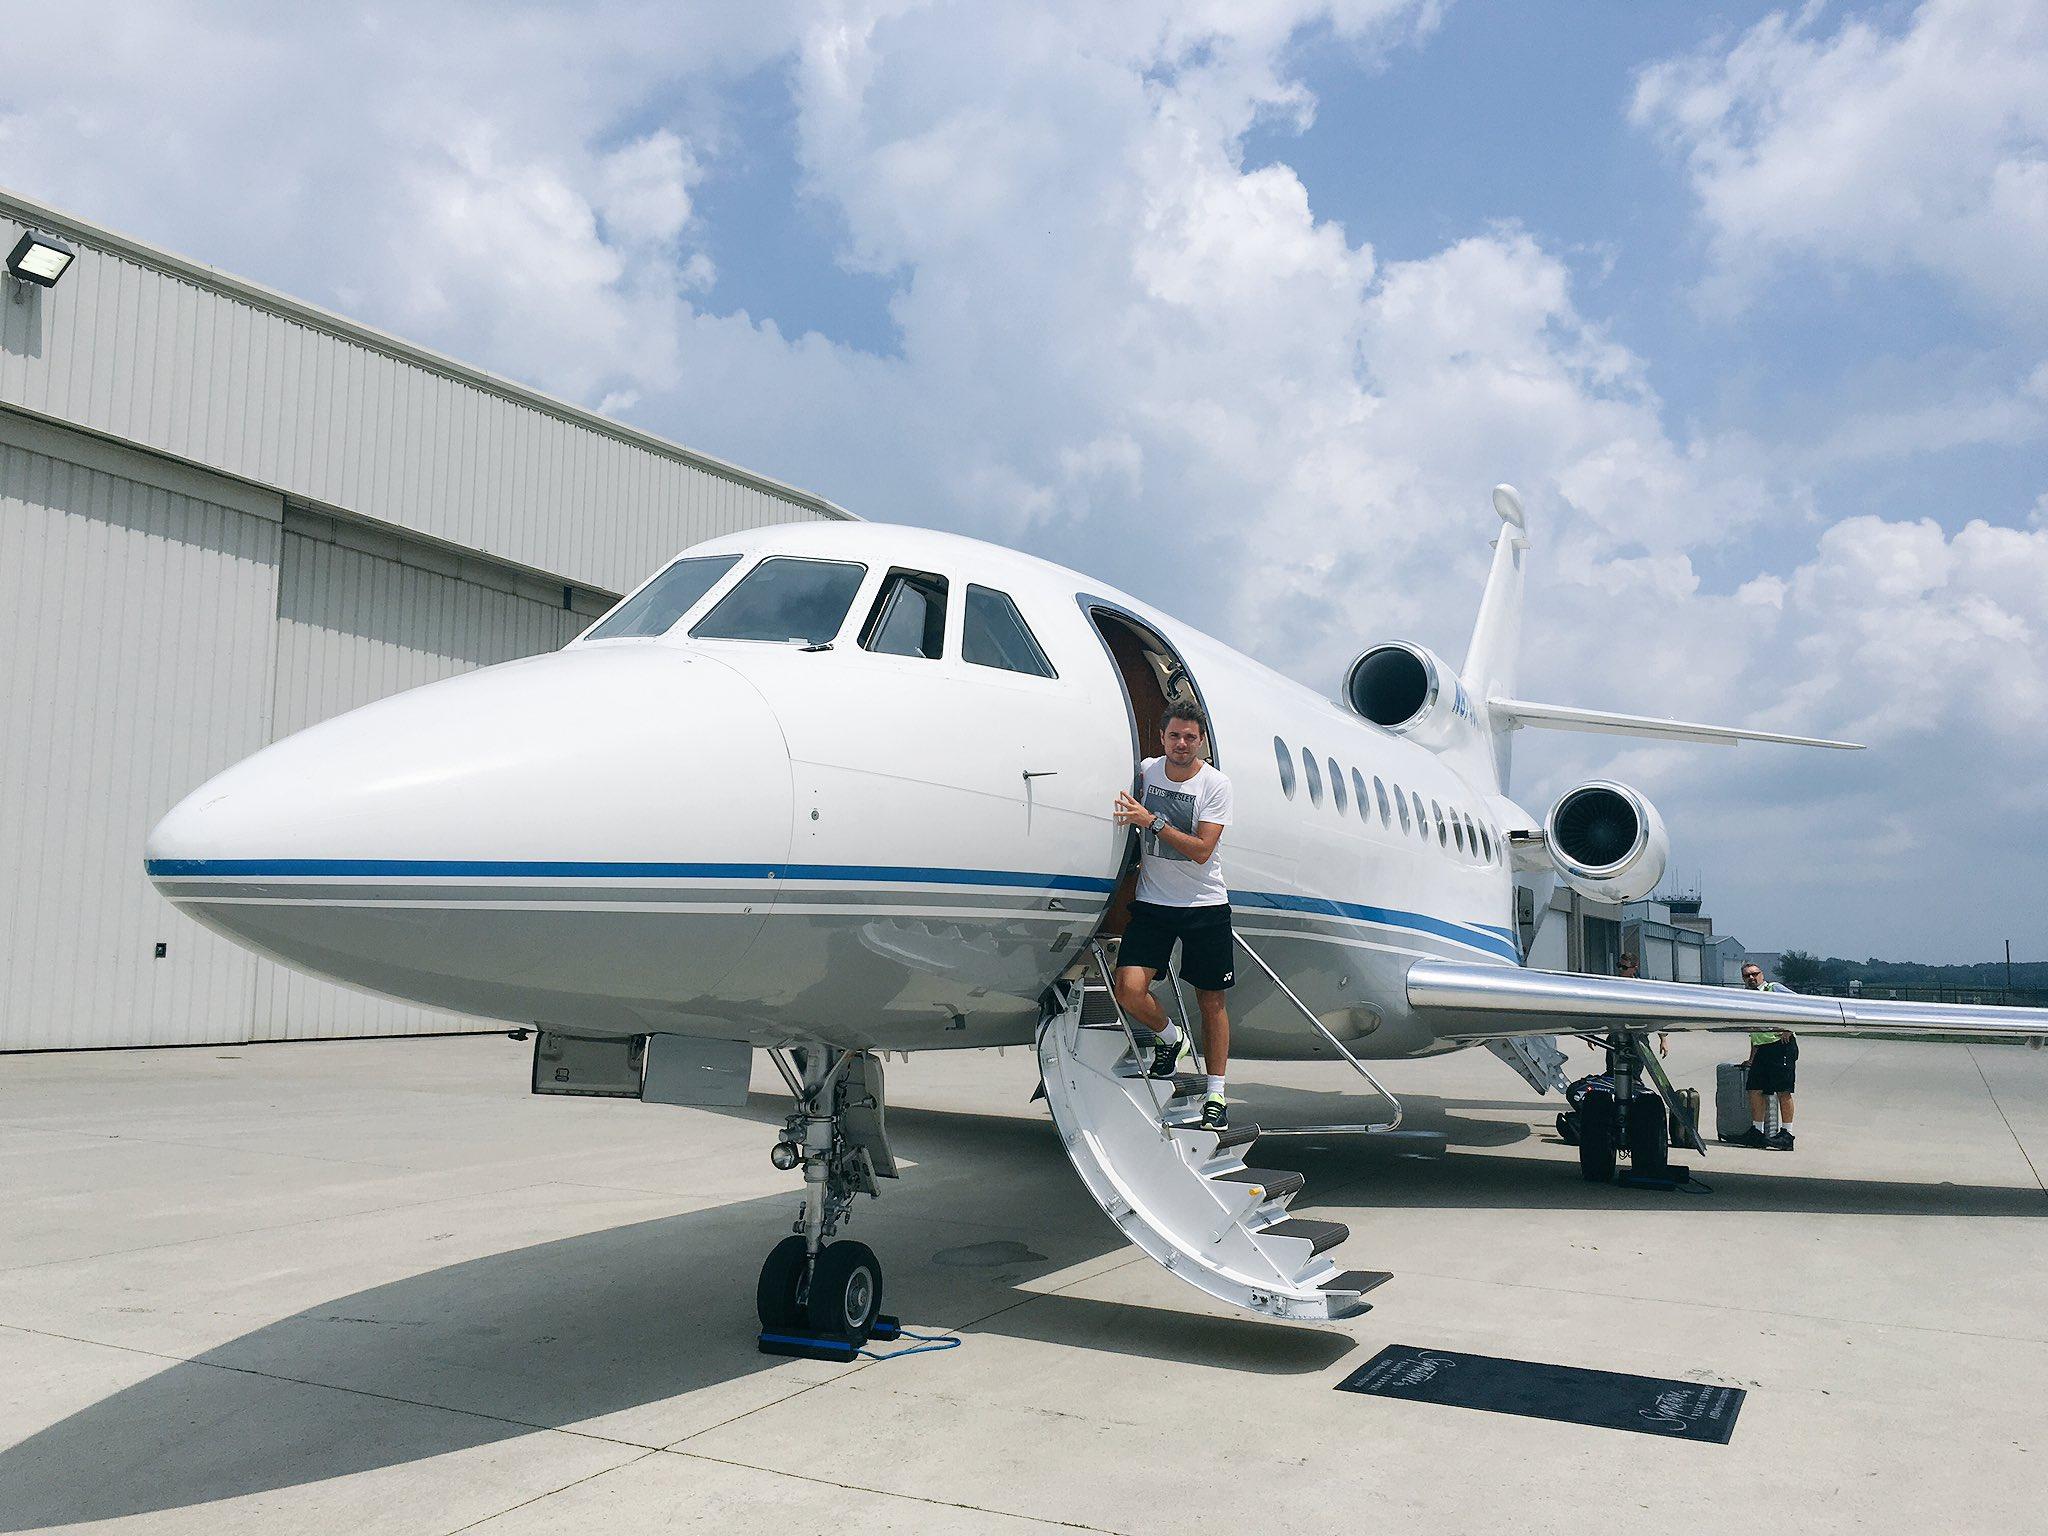 Best flight to New York ... Thank you @JetcraftCorp ゚ムプマᄏ!! ゚ᄂヤ゚ルト゚ムタ゚ロᆱ゚ロᄅ゚リポルプマᄏ゚ムᆭ゚マᄐ゚ムᄡ゚マᄐ゚ヘヤ゚ペ゚ヘノ゚ヘネ゚ヘモ゚モᄌ゚ホパホノ゚テマ¬ルᅠᄌマ¬ルᆬᄌマ゚ミᄏ゚リリ゚ミᄐ゚ラᄑ゚ロᆲ https://t.co/qwp4GQtEwy